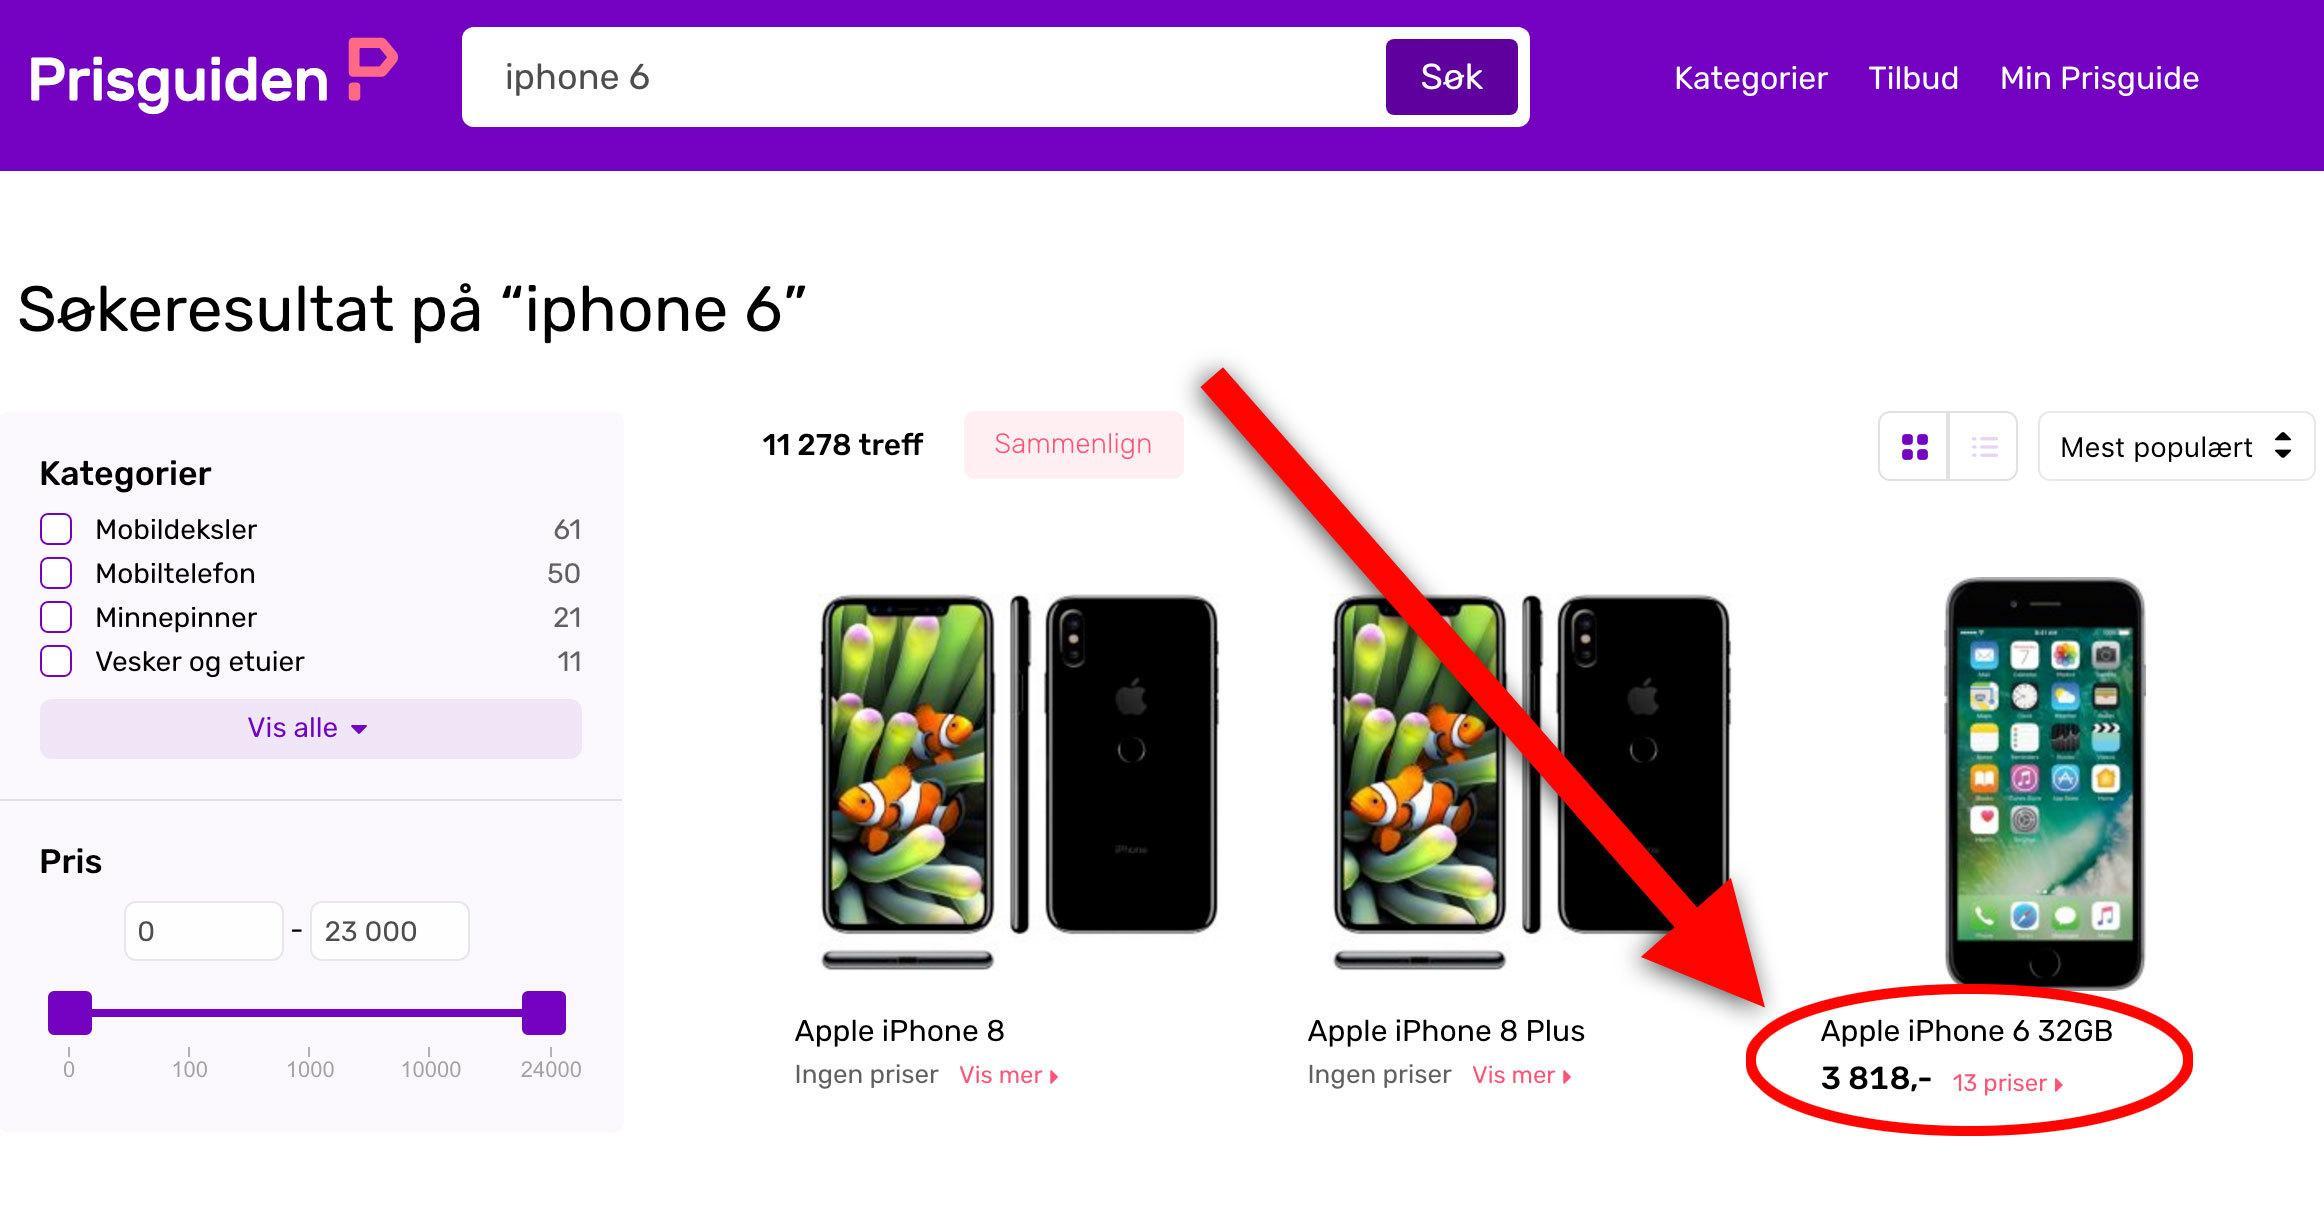 Sjekk hva telefonen selges for som ny nå – det kan avsløre en annonse selgeren fronter som et tilbud, men som i realiteten ikke er det..